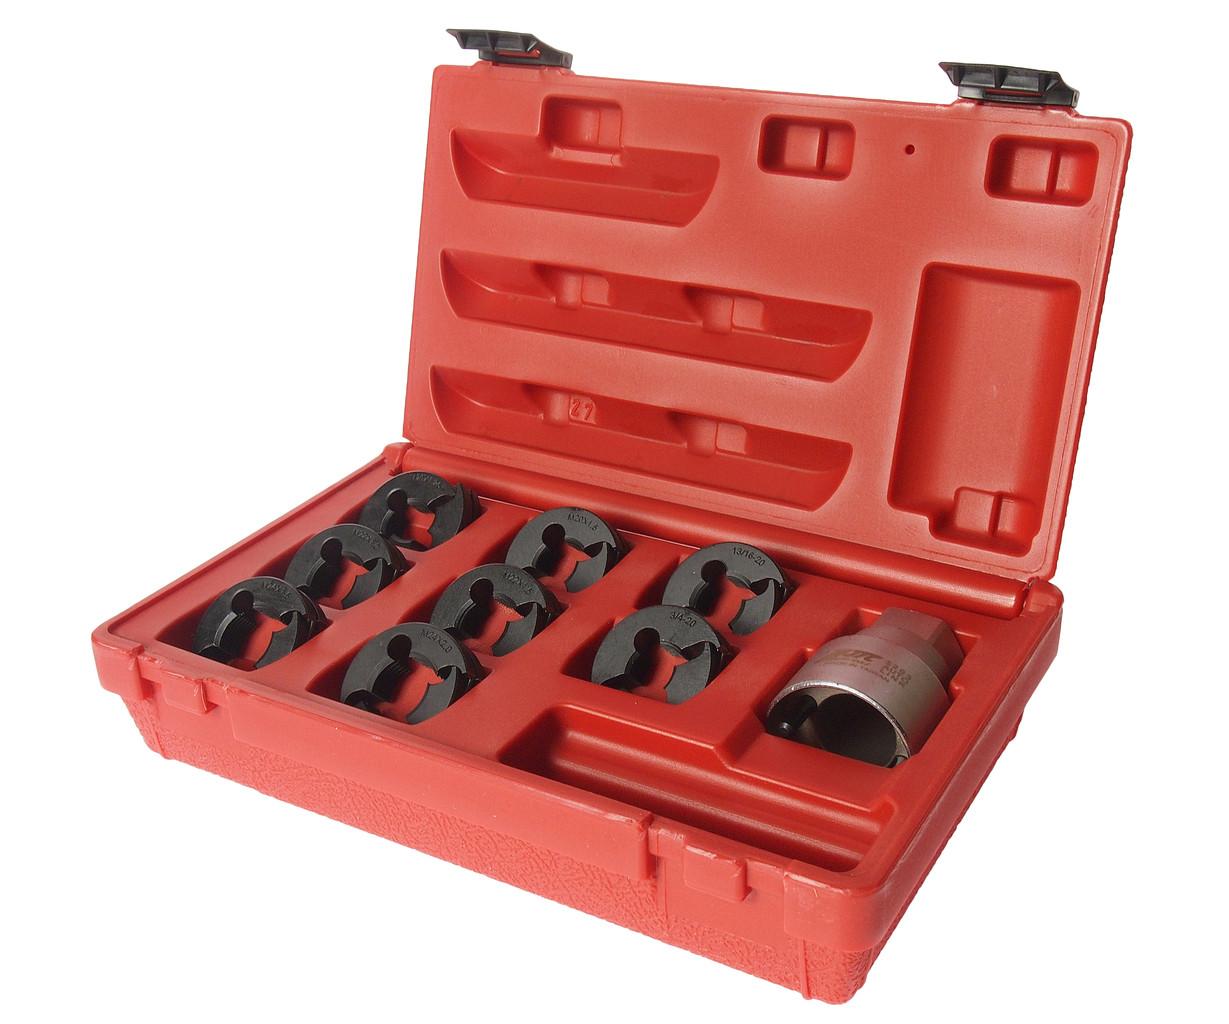 JTC Набор инструментов для восстановления резьбы оси ШРУСа (М24х2.0-М20х1.25, 3/4х20) в кейсе JTC